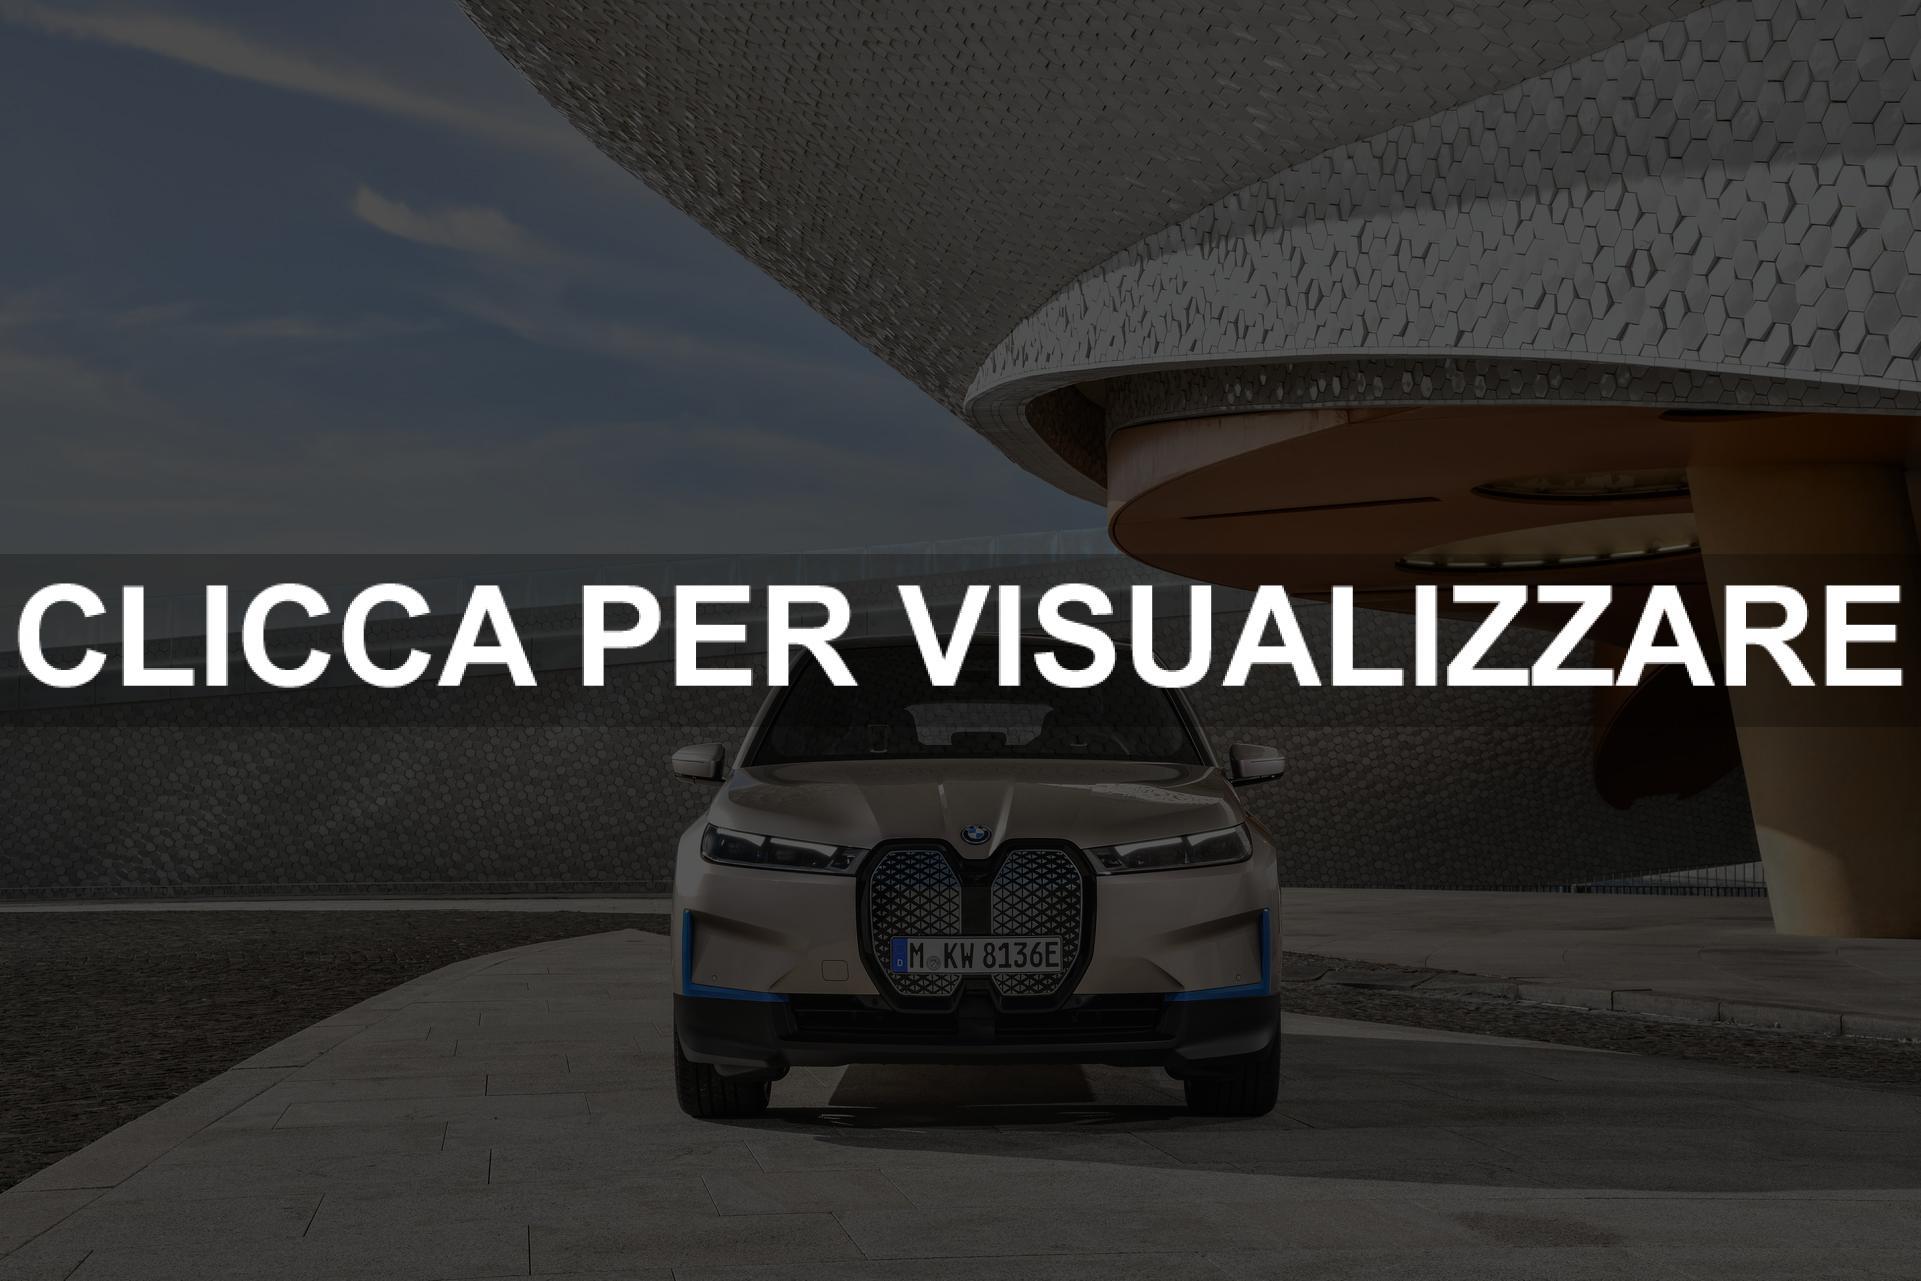 Immagine frontale nuova BMW iX elettrica 2021 1